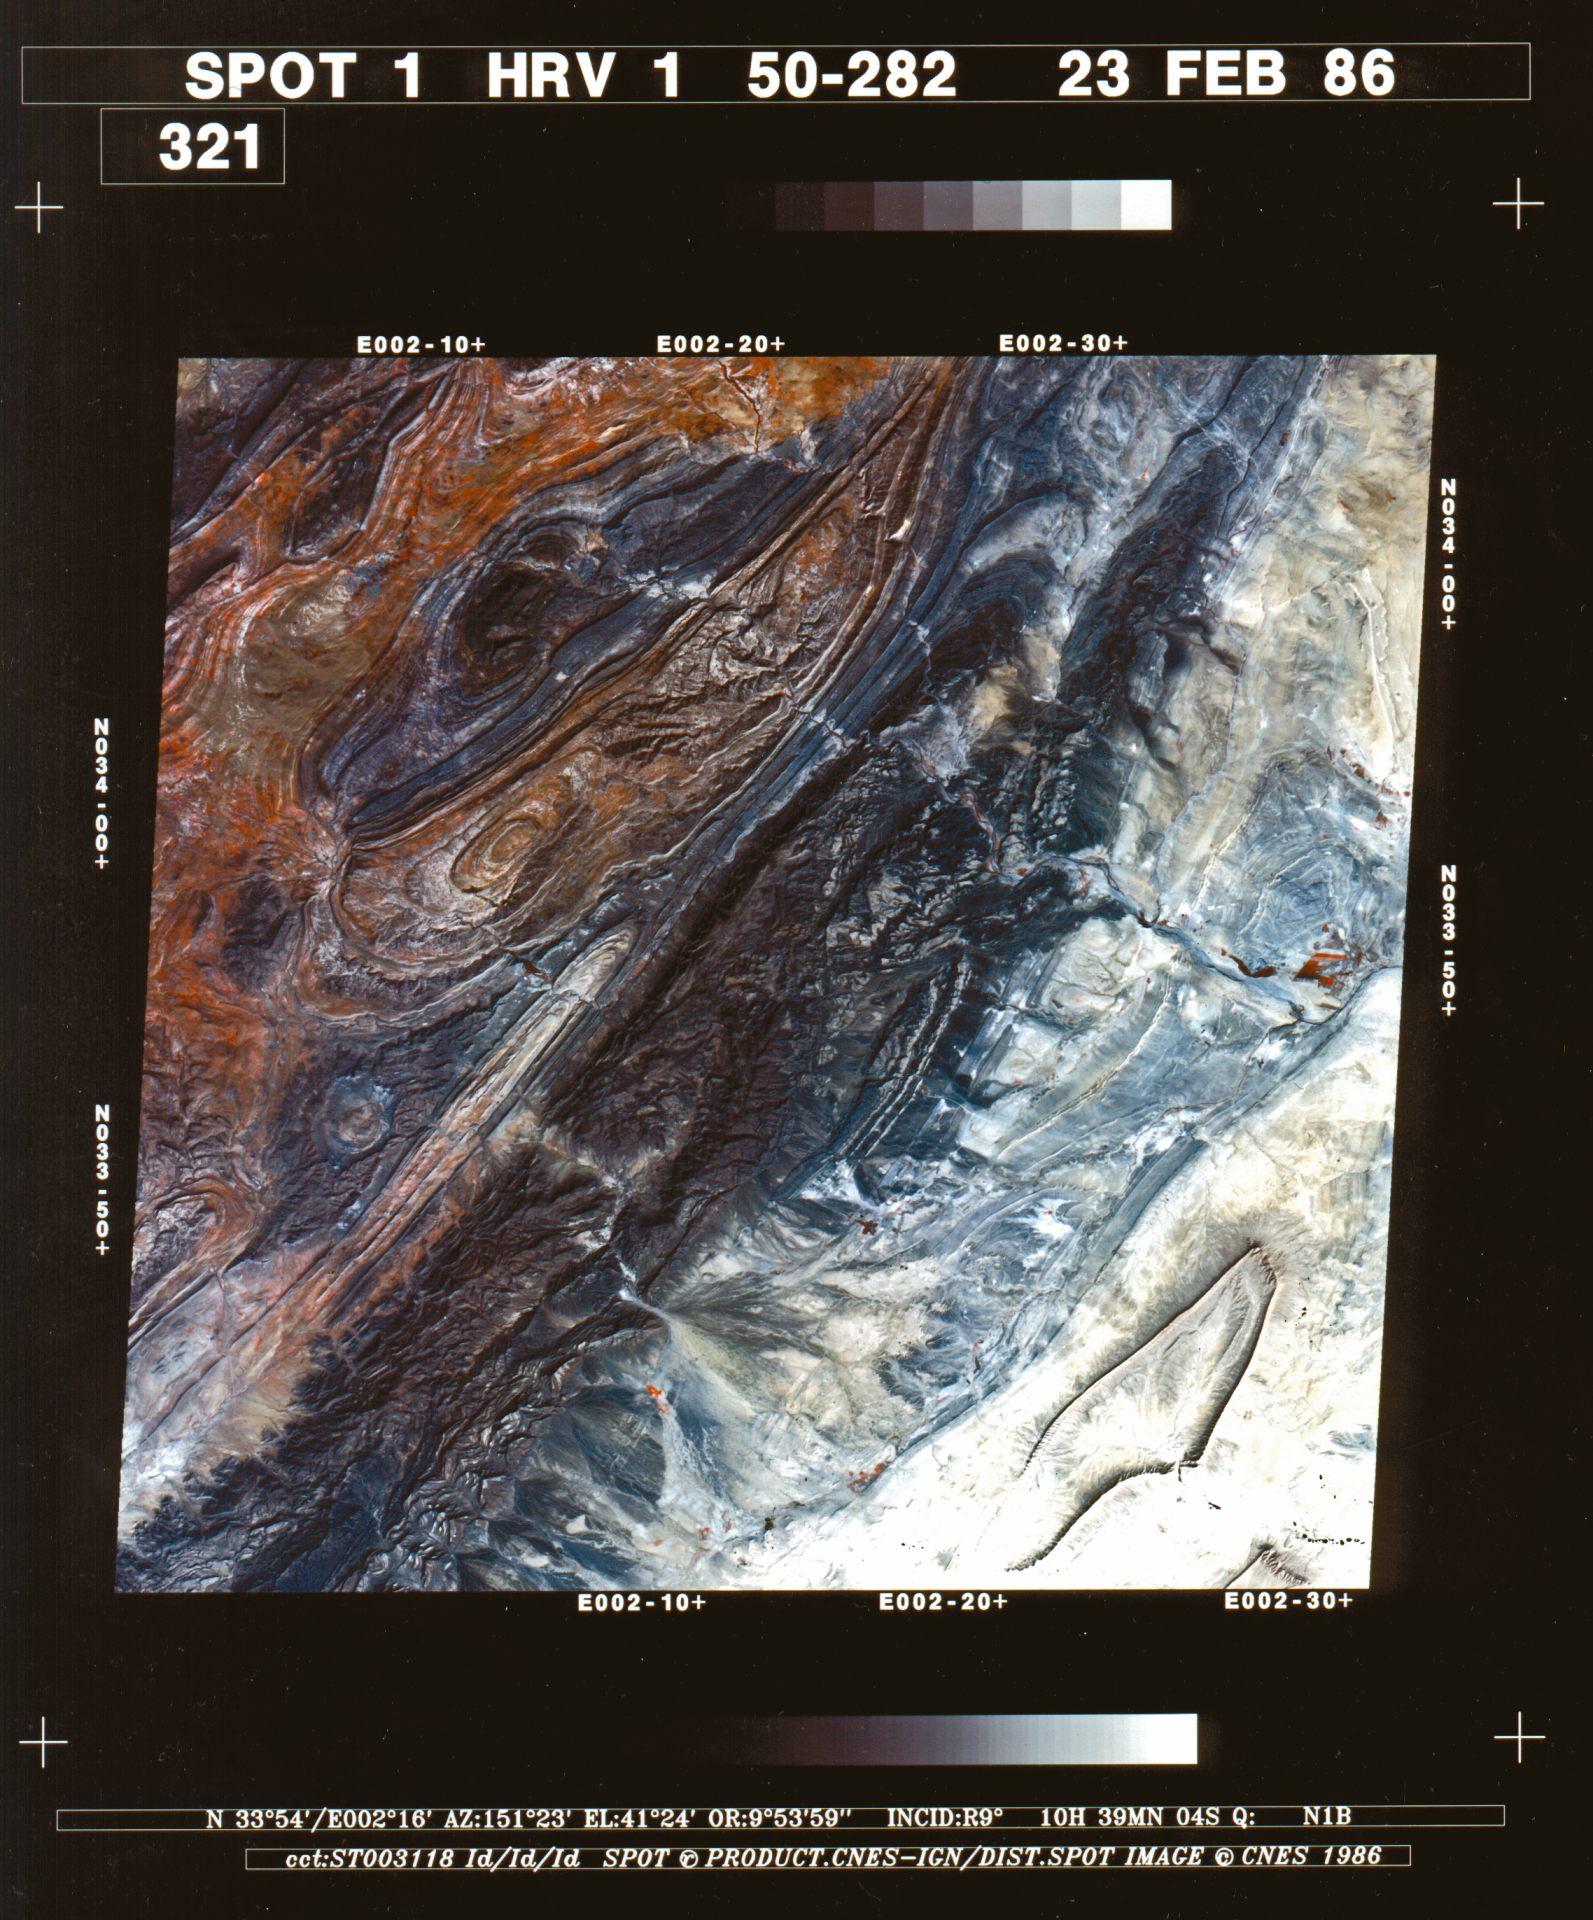 30 ans SPOT - Anniversaire - Première image - Multispectrale - Djebel Amour au nord du Sahara algérien. Une des premières images du satellite SPOT 1. Image multispectrale - Sahara algérience - Acquise le 23 février 1986 à 10h39 UTC. Copyright CNES 1986. Distribution Airbus DS